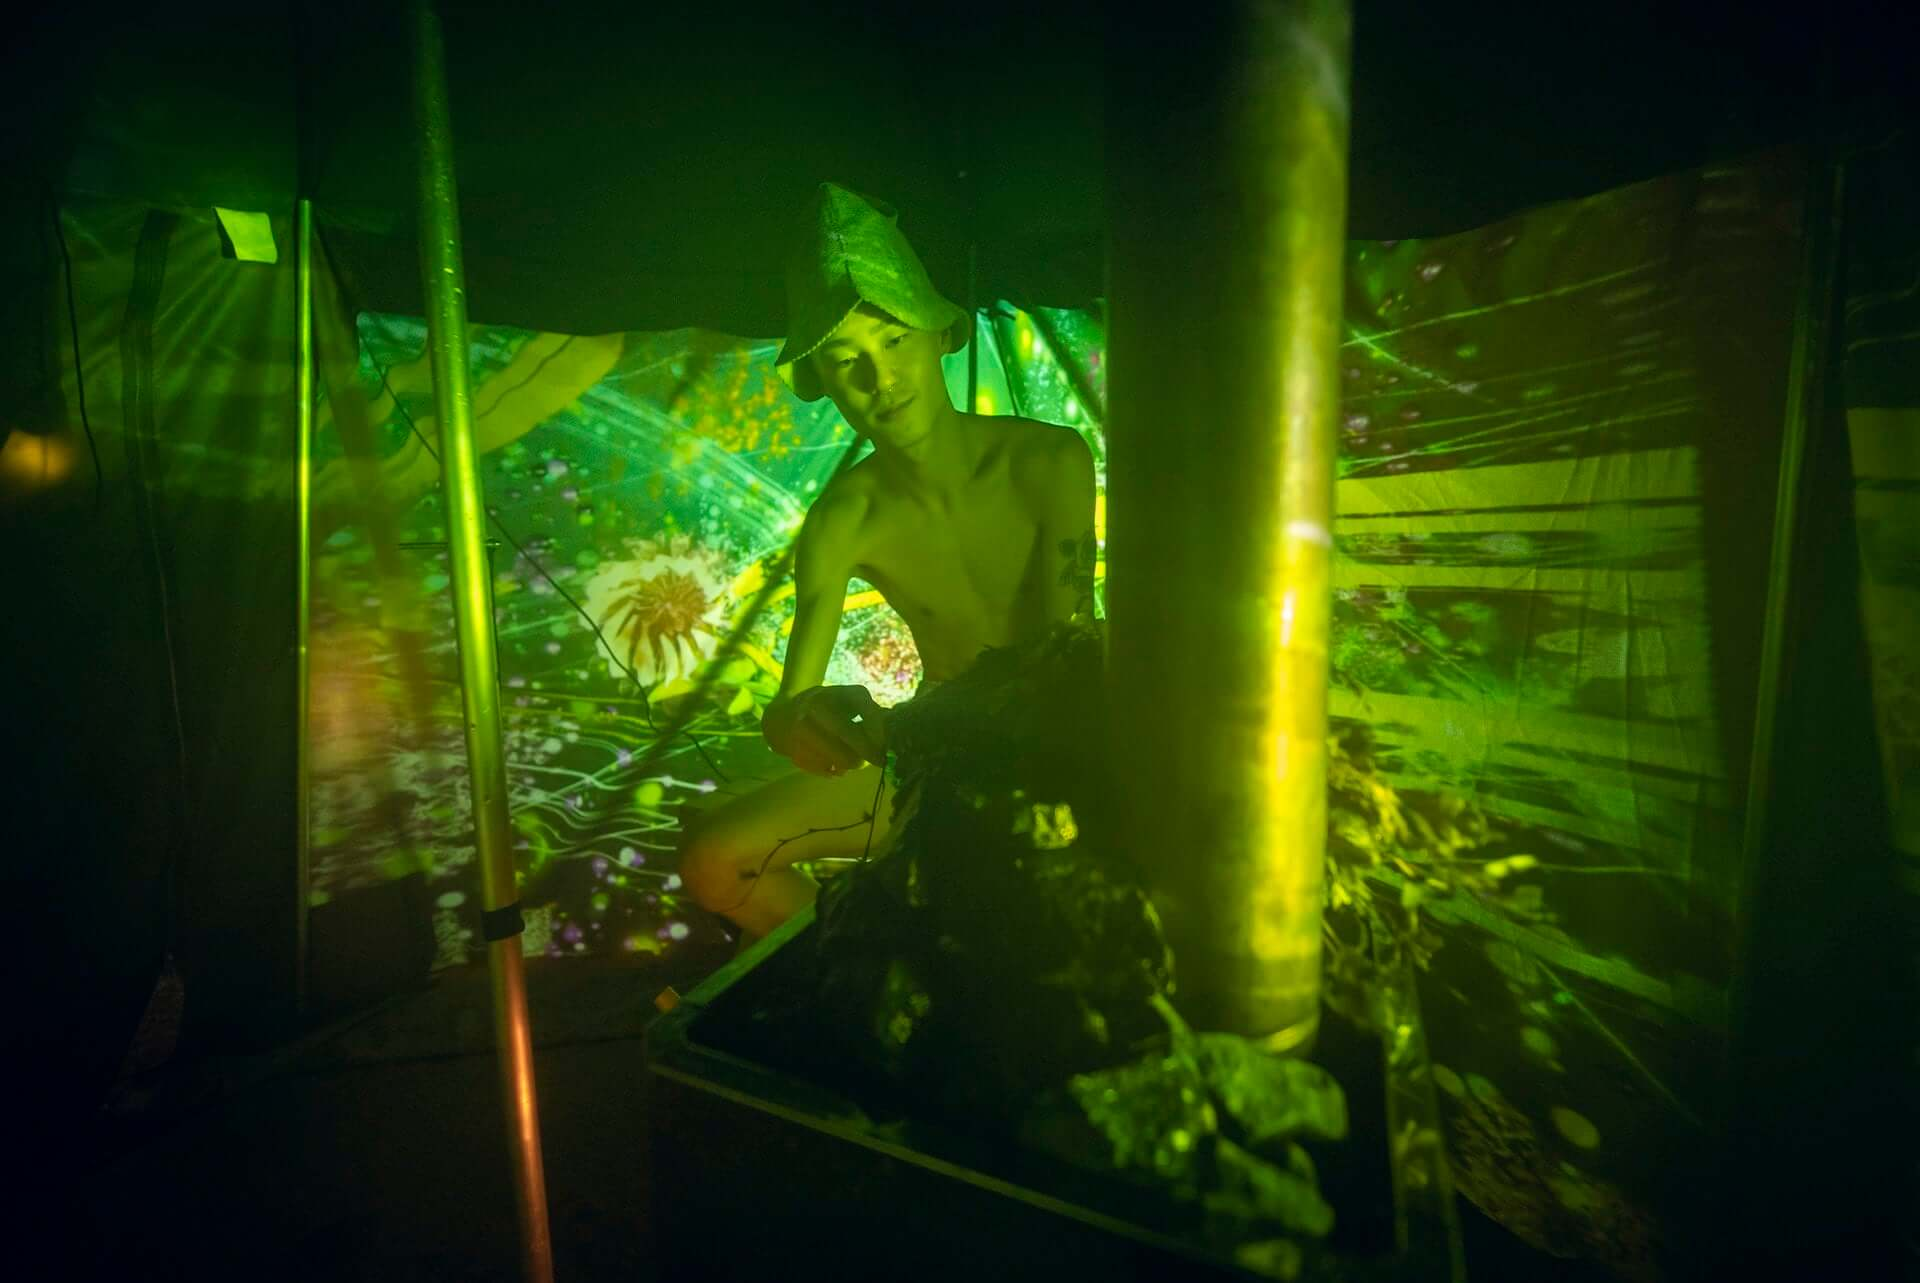 """五感で""""ととのう""""アートサウナ体験を!デートにもおすすめなテントサウナイベントが東京・有明にて開催中 lf201218_naked-sauna_7-1920x1283"""